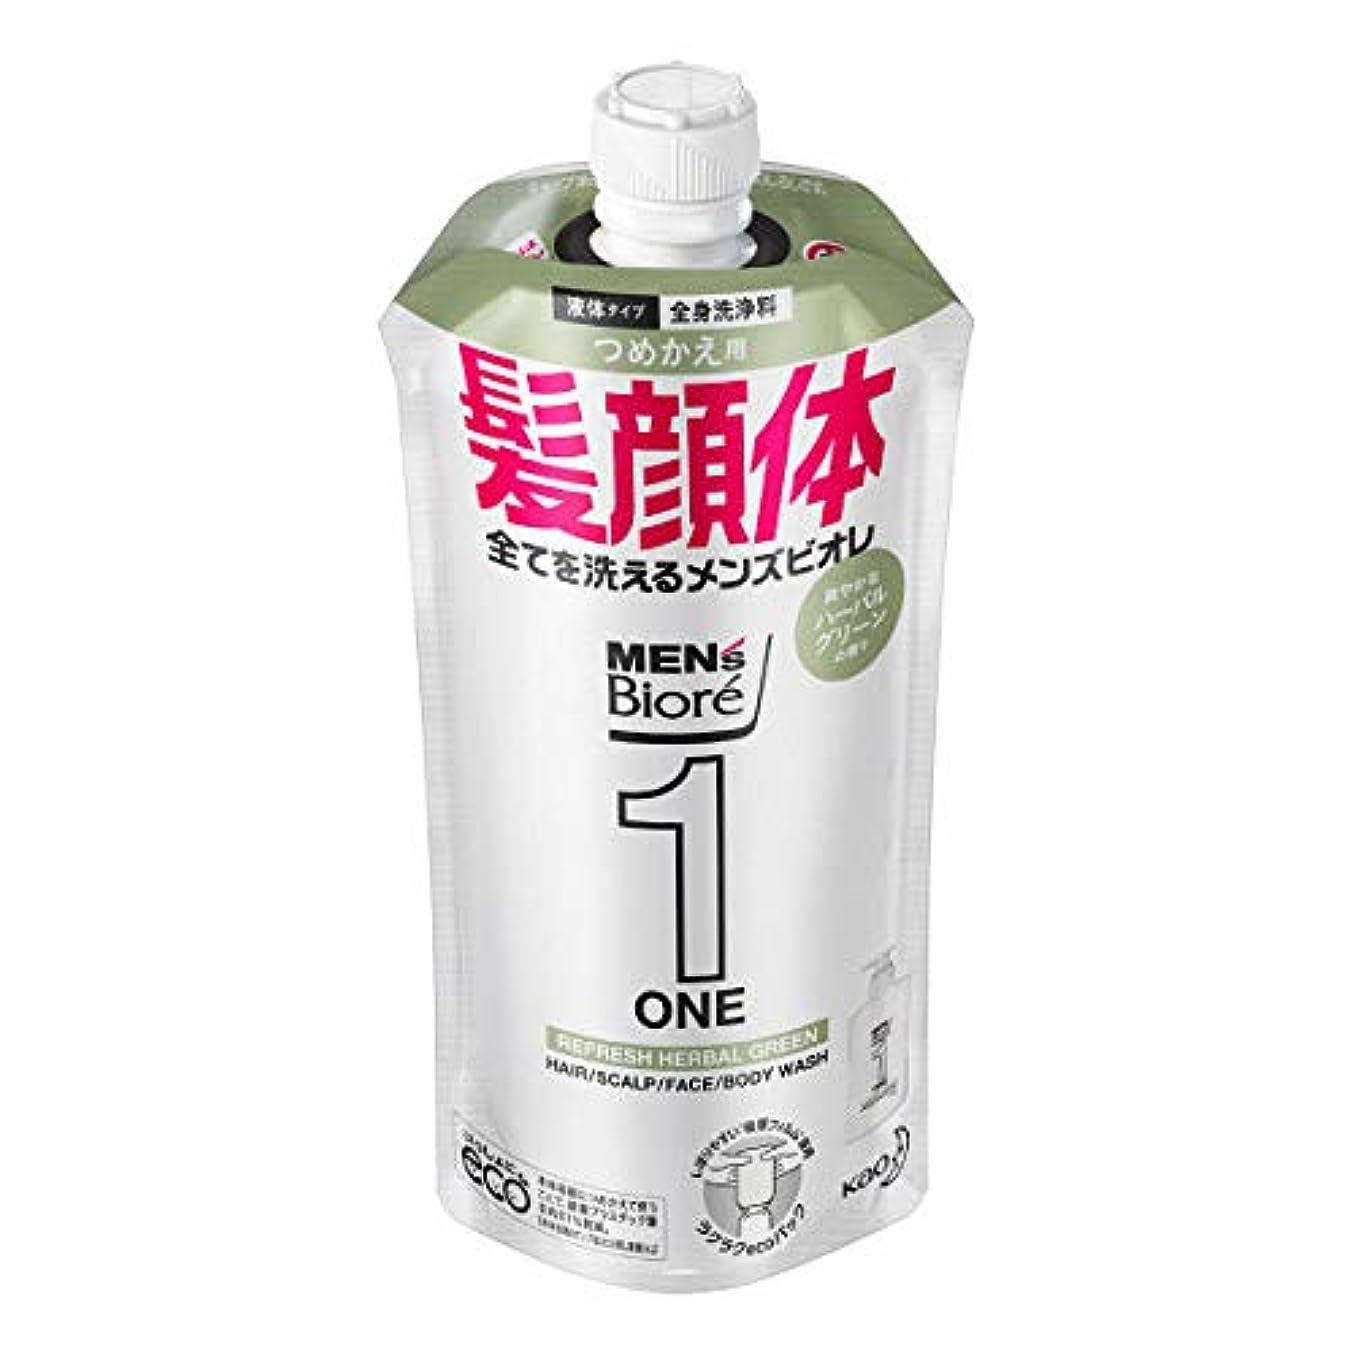 踊り子オーバーヘッド制約メンズビオレONE オールインワン全身洗浄料 爽やかなハーブルグリーンの香り つめかえ用 340mL